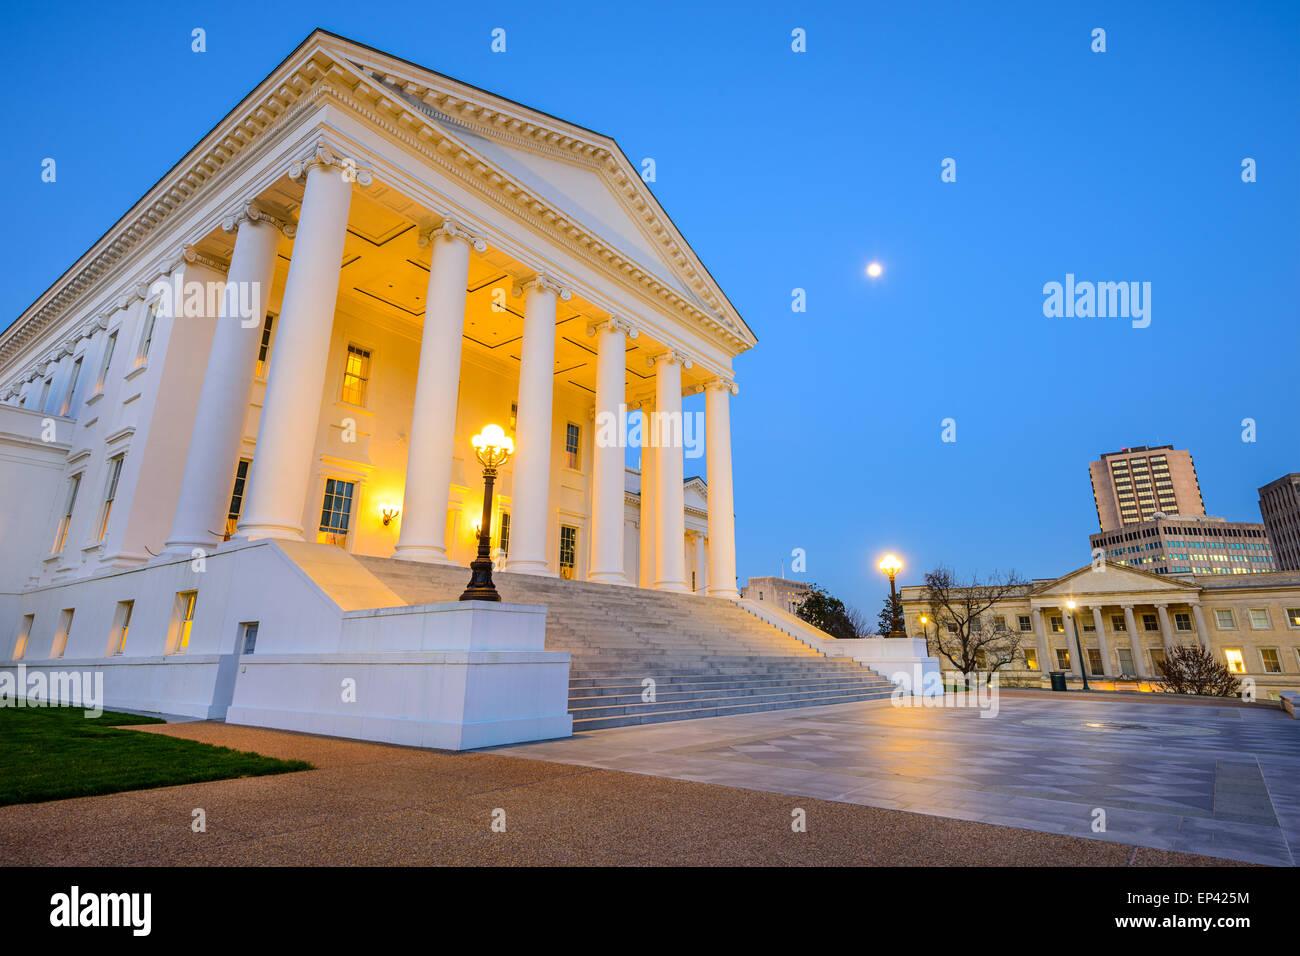 Richmond, Virginia, EE.UU., en el Edificio del Capitolio. Imagen De Stock